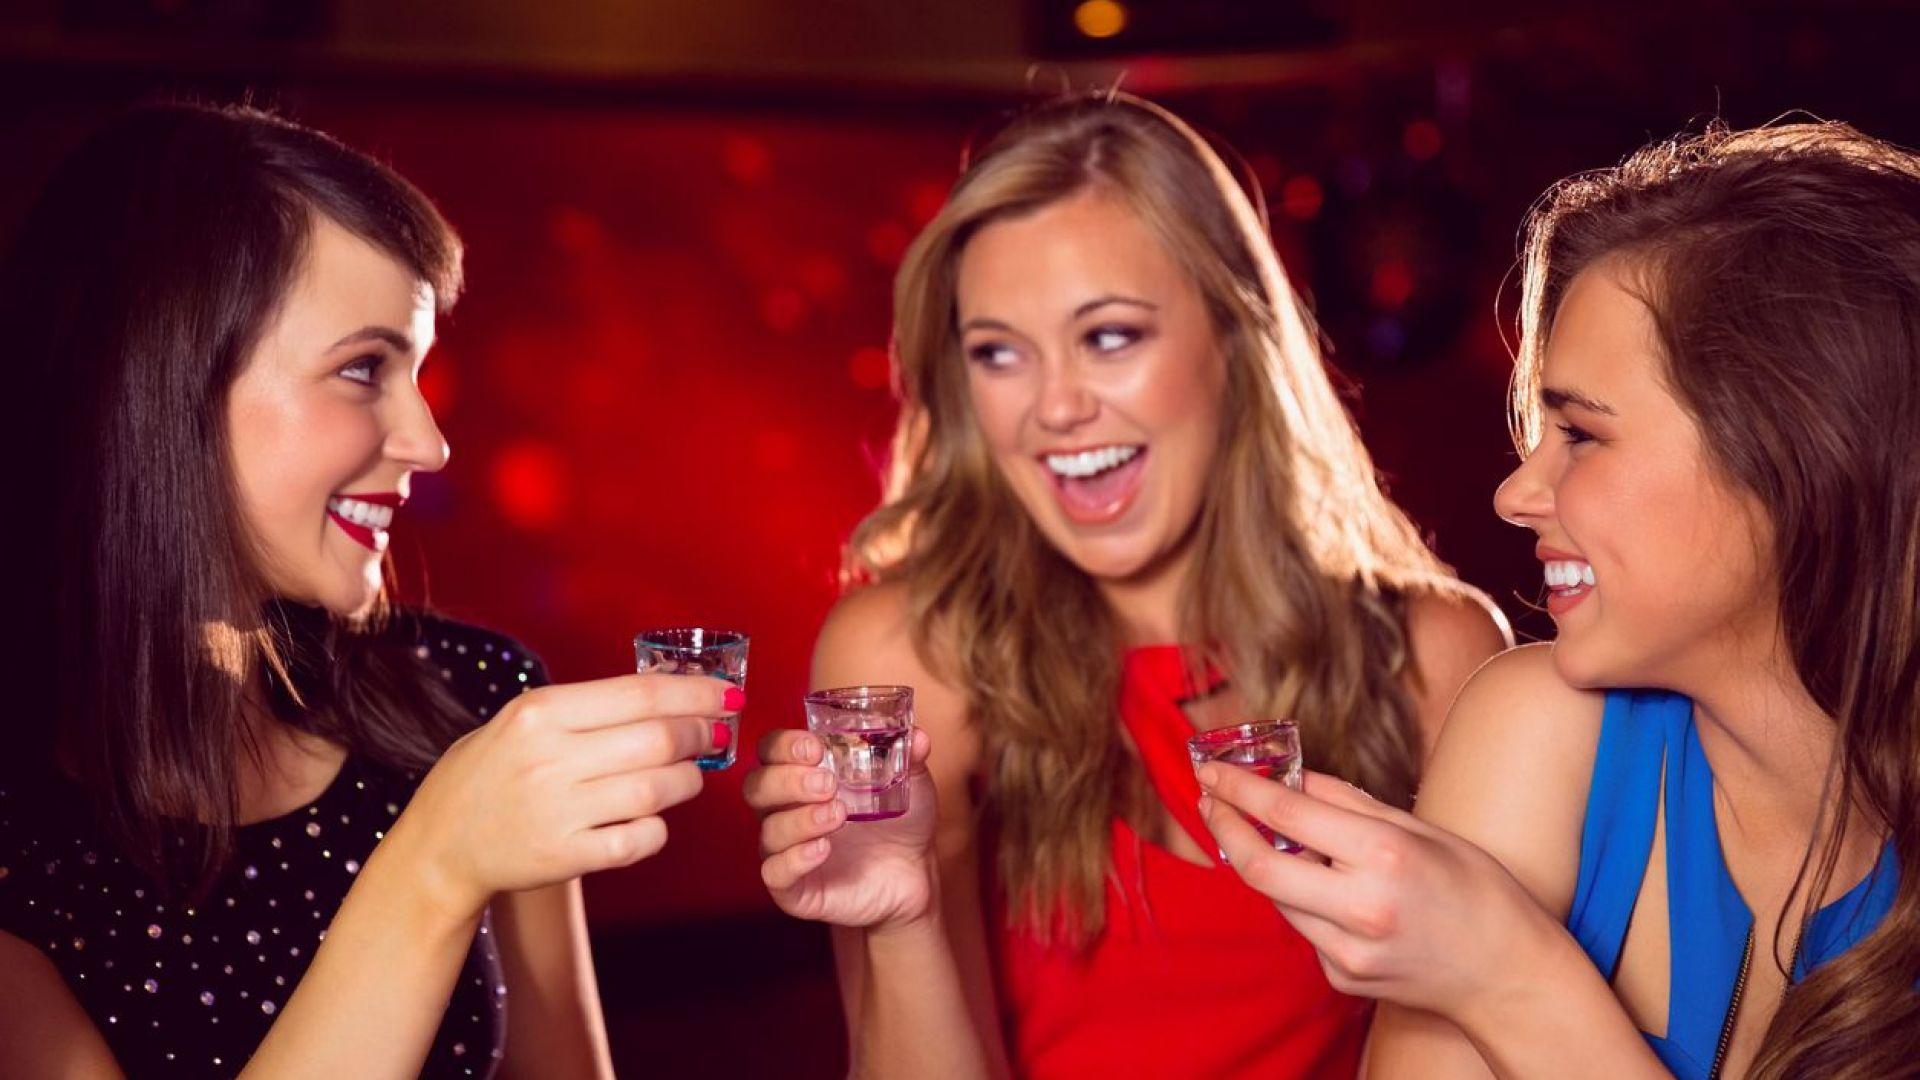 За жените и алкохола: по-застрашени са от вероятността да развият зависимост